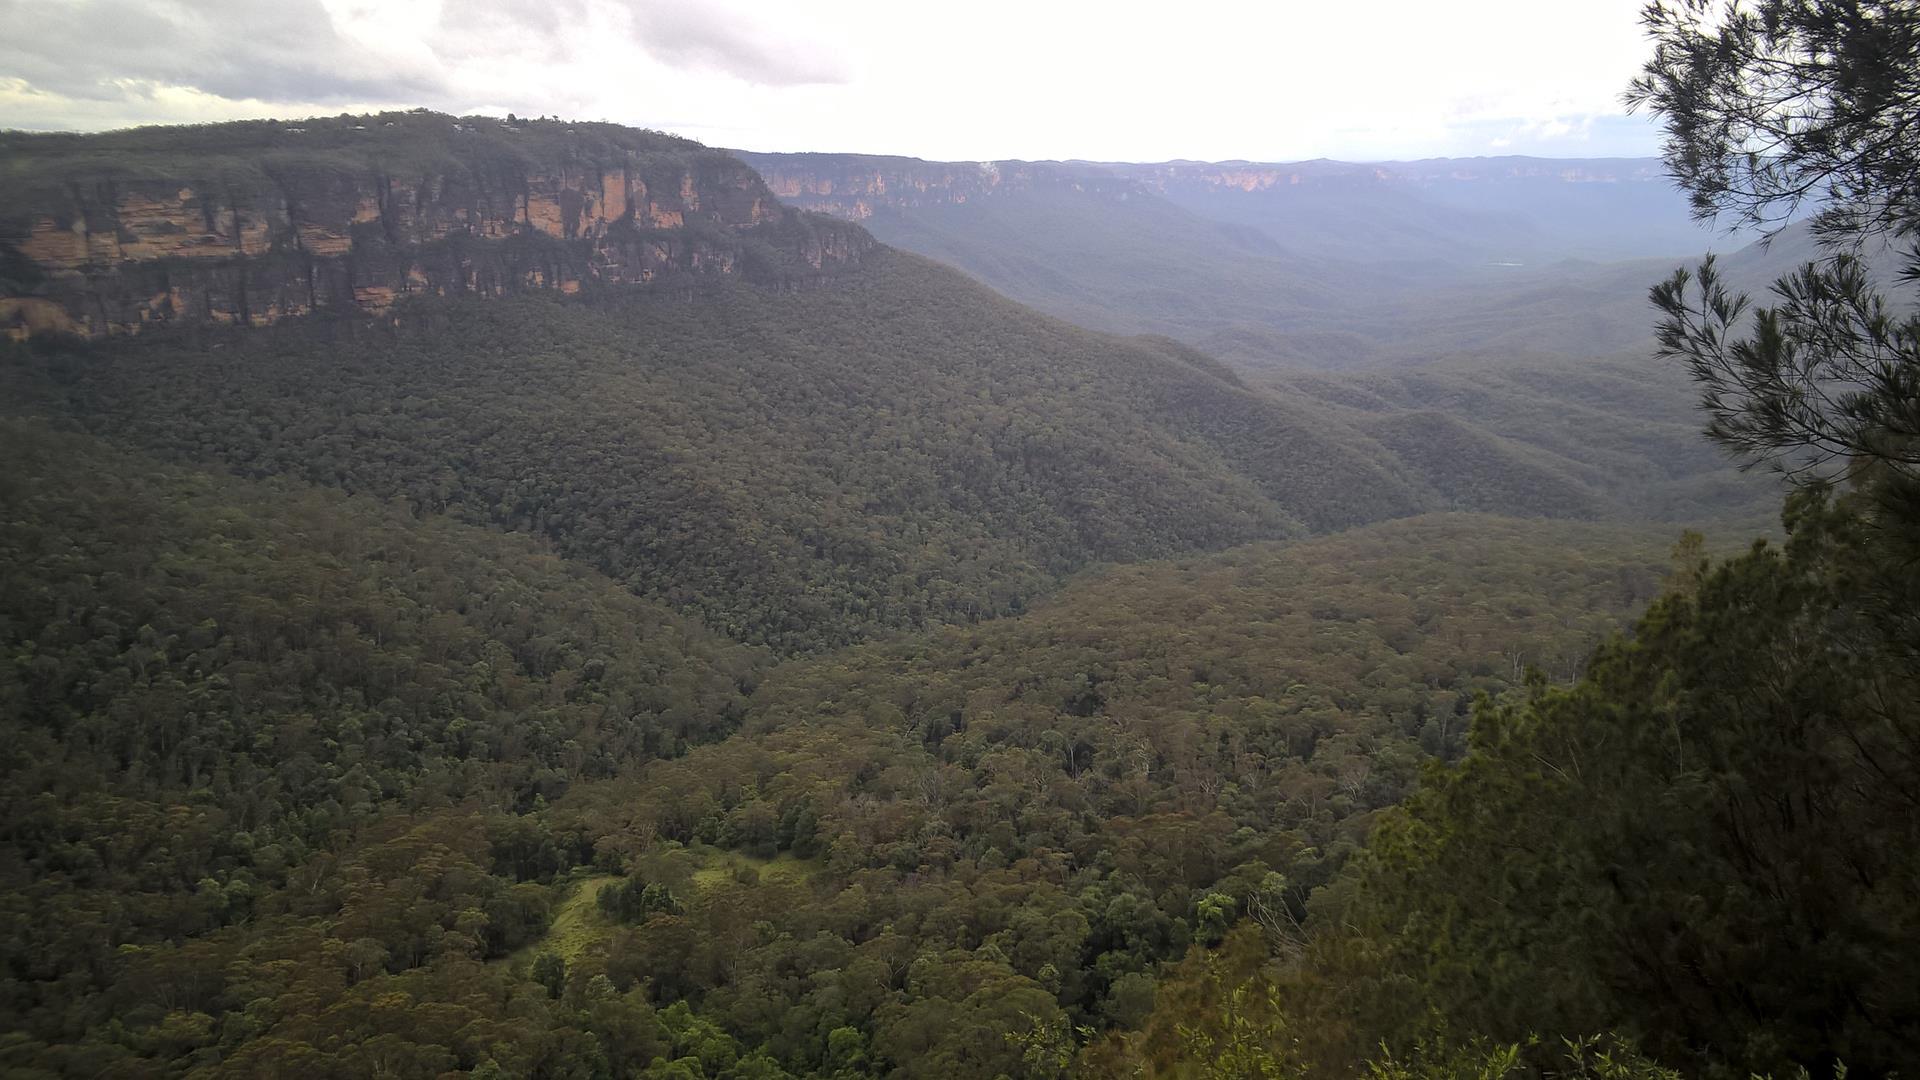 ... hatten wir immer wieder einen schönen Blick auf die Blue Mountains